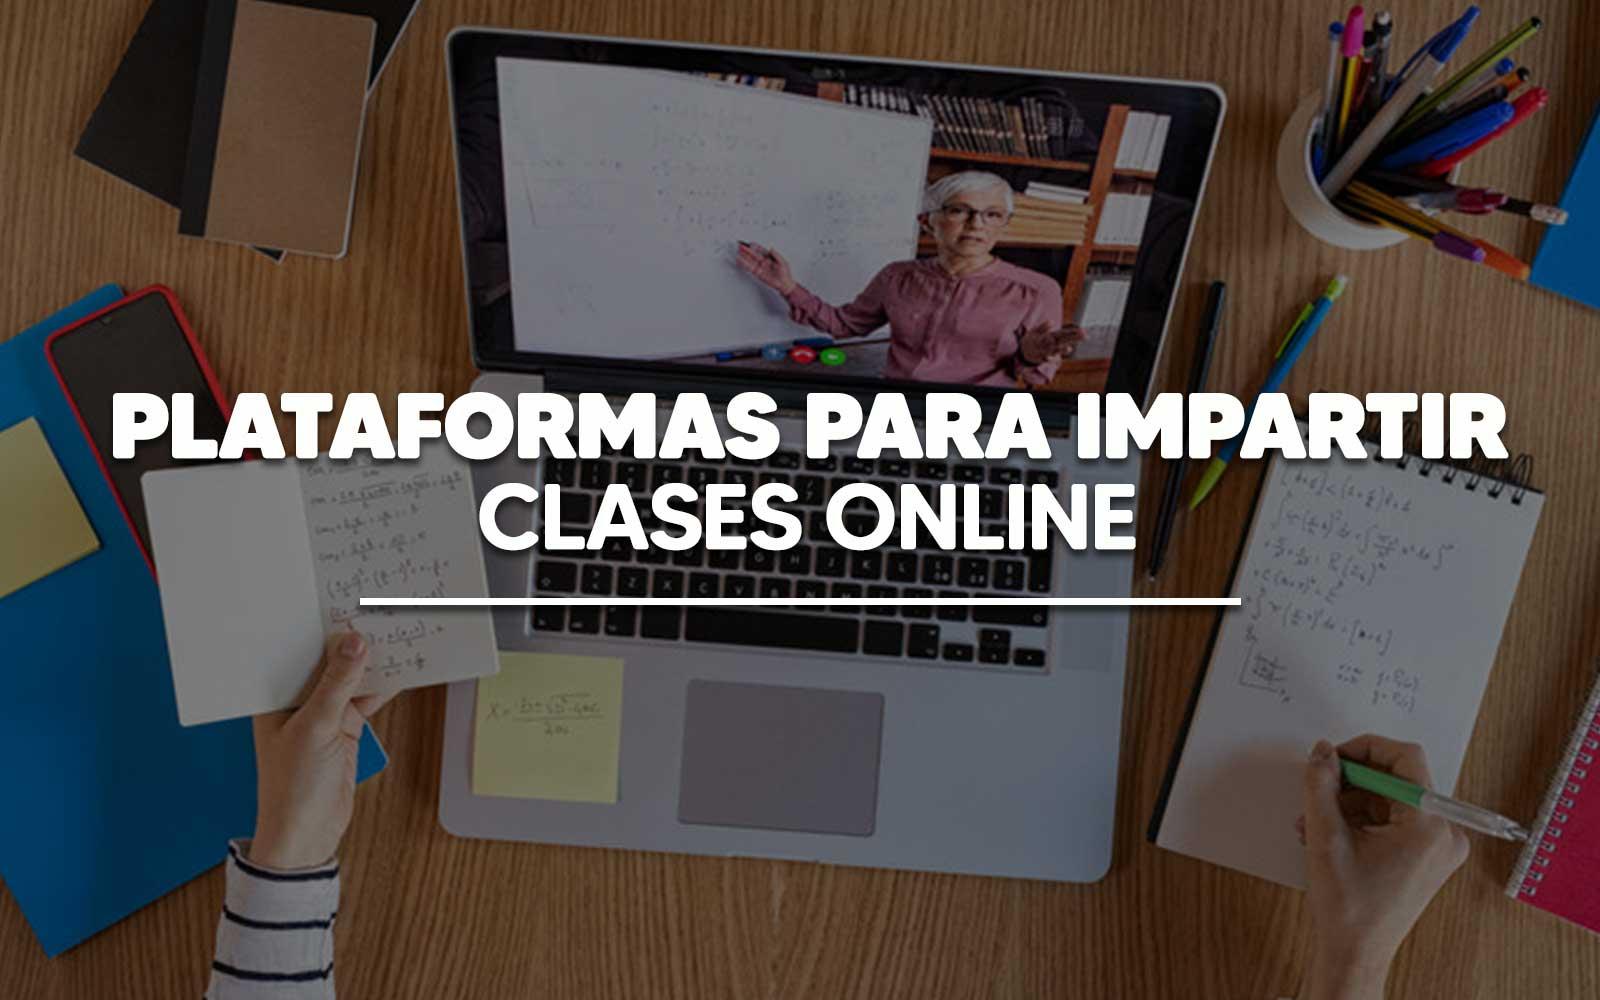 Plataformas para impartir clases online